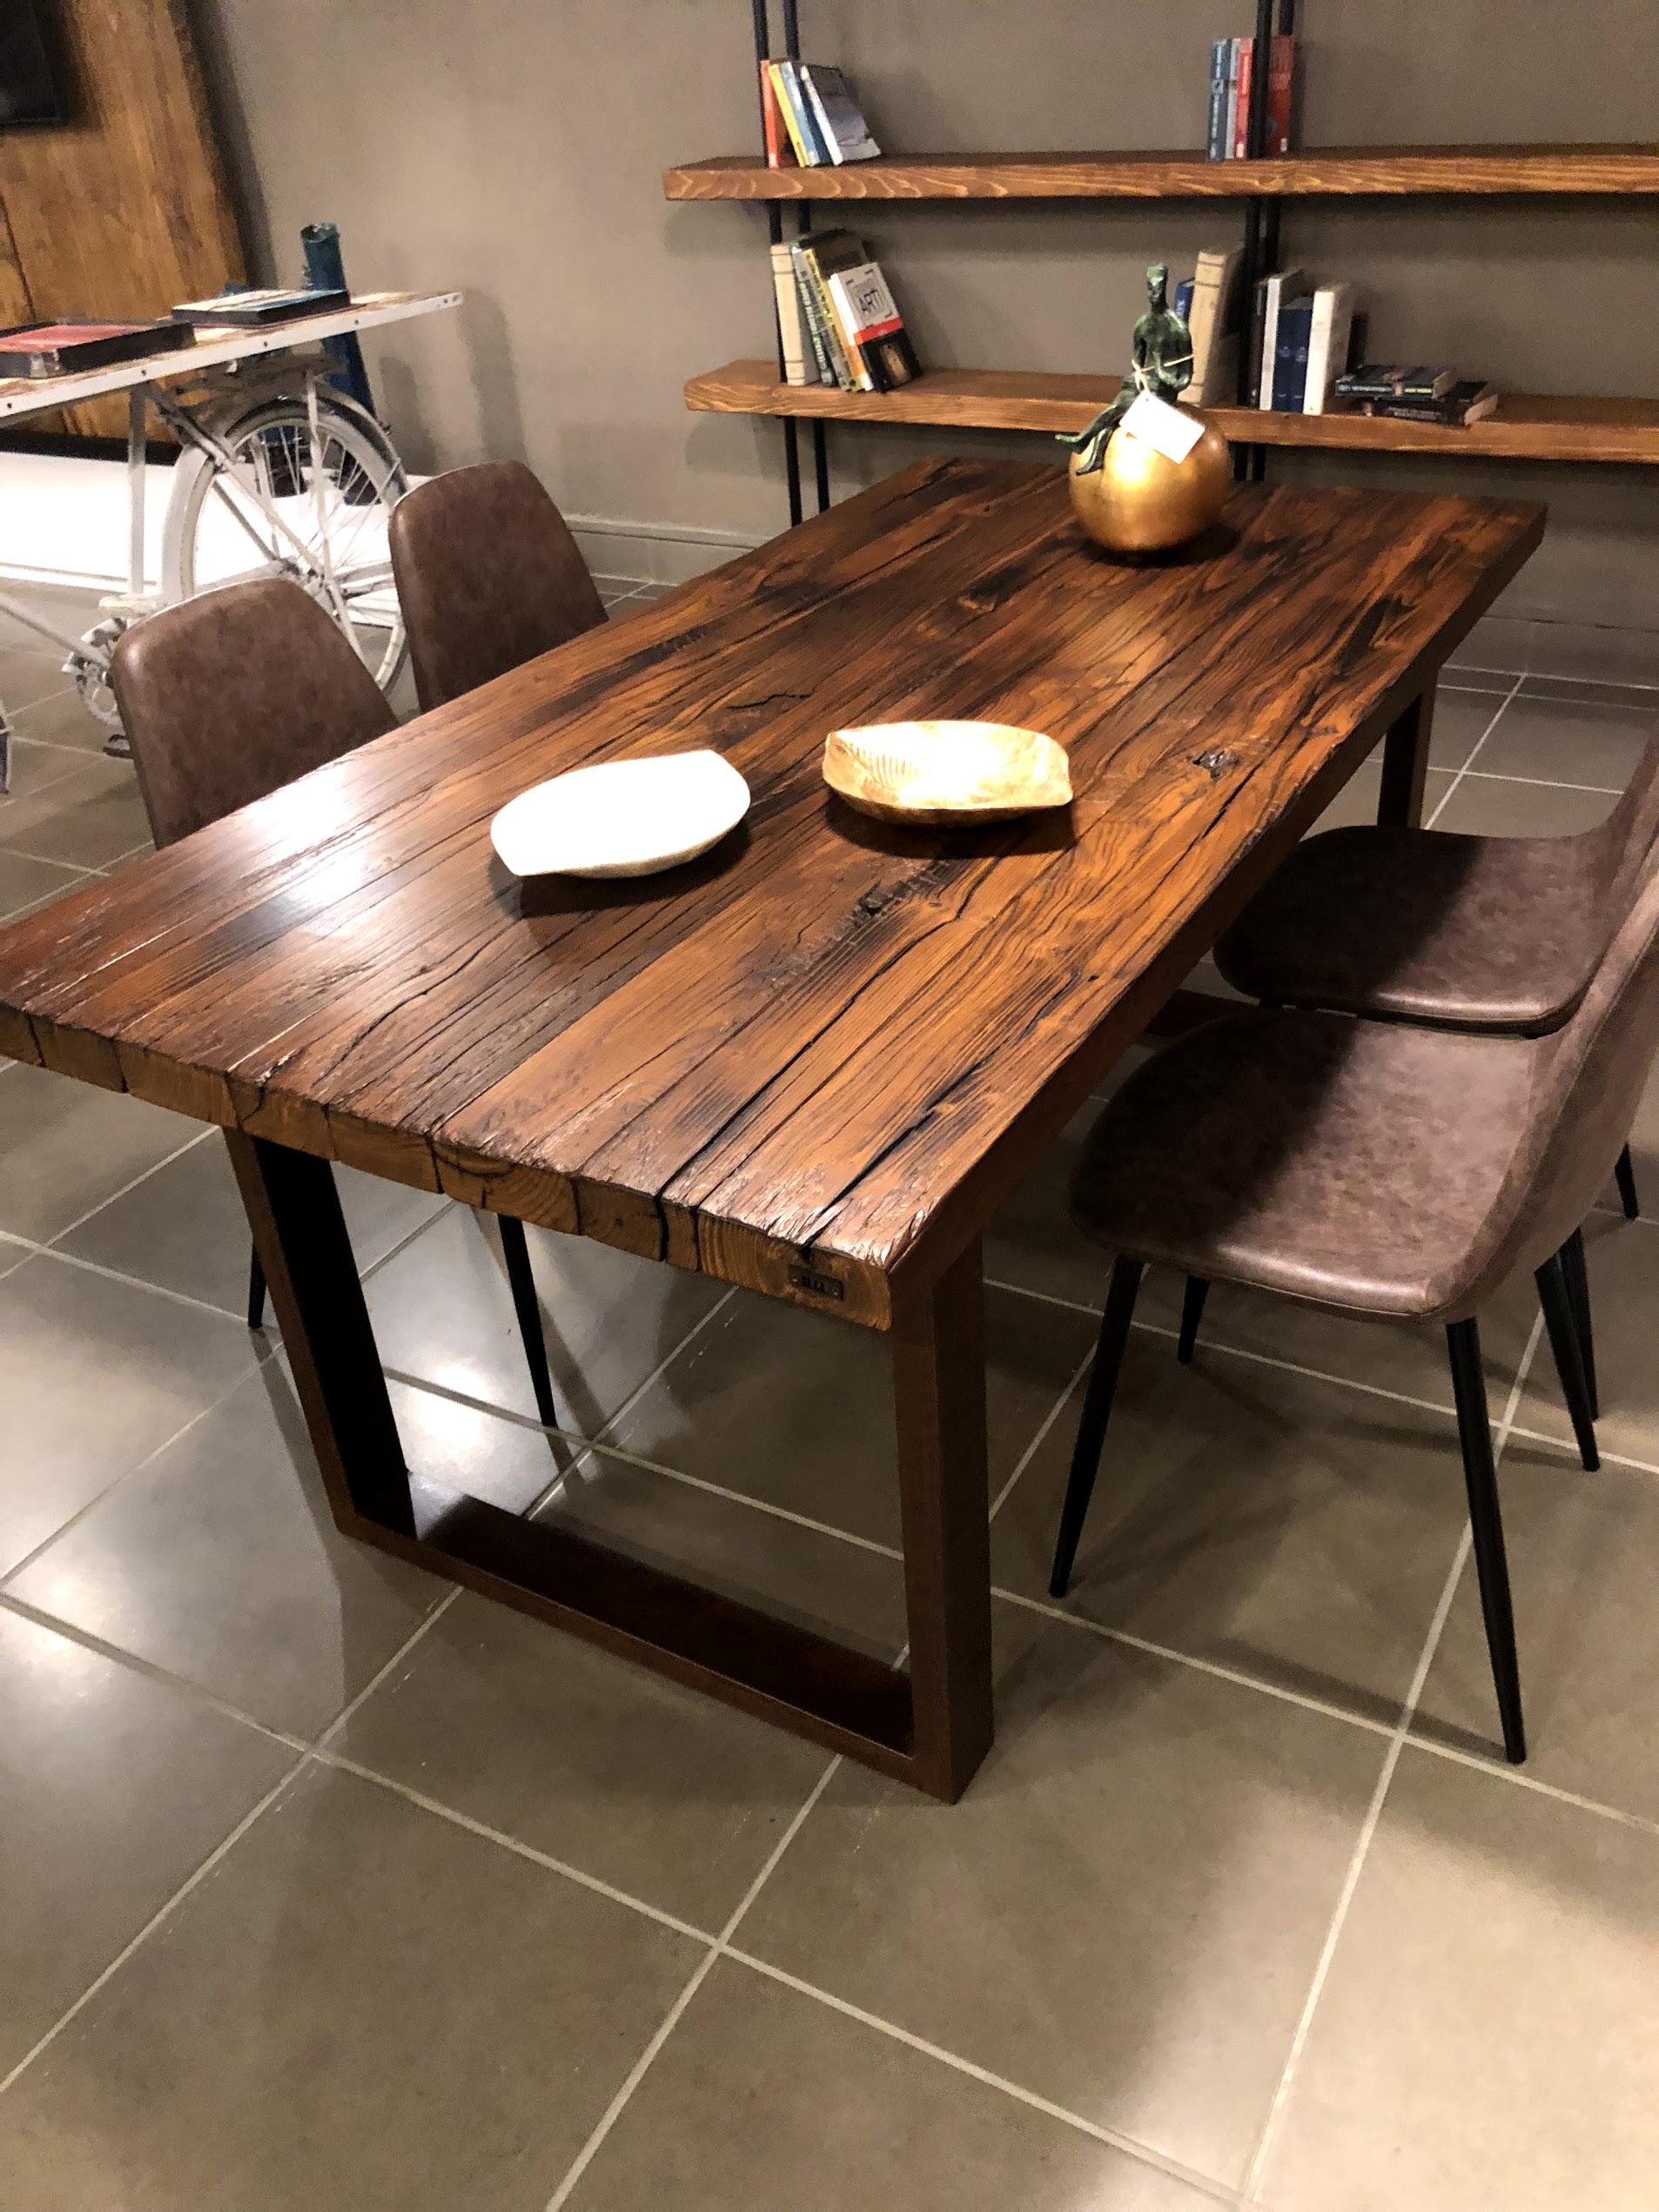 Tavoli da pranzo in legno antico per il soggiorno su misura